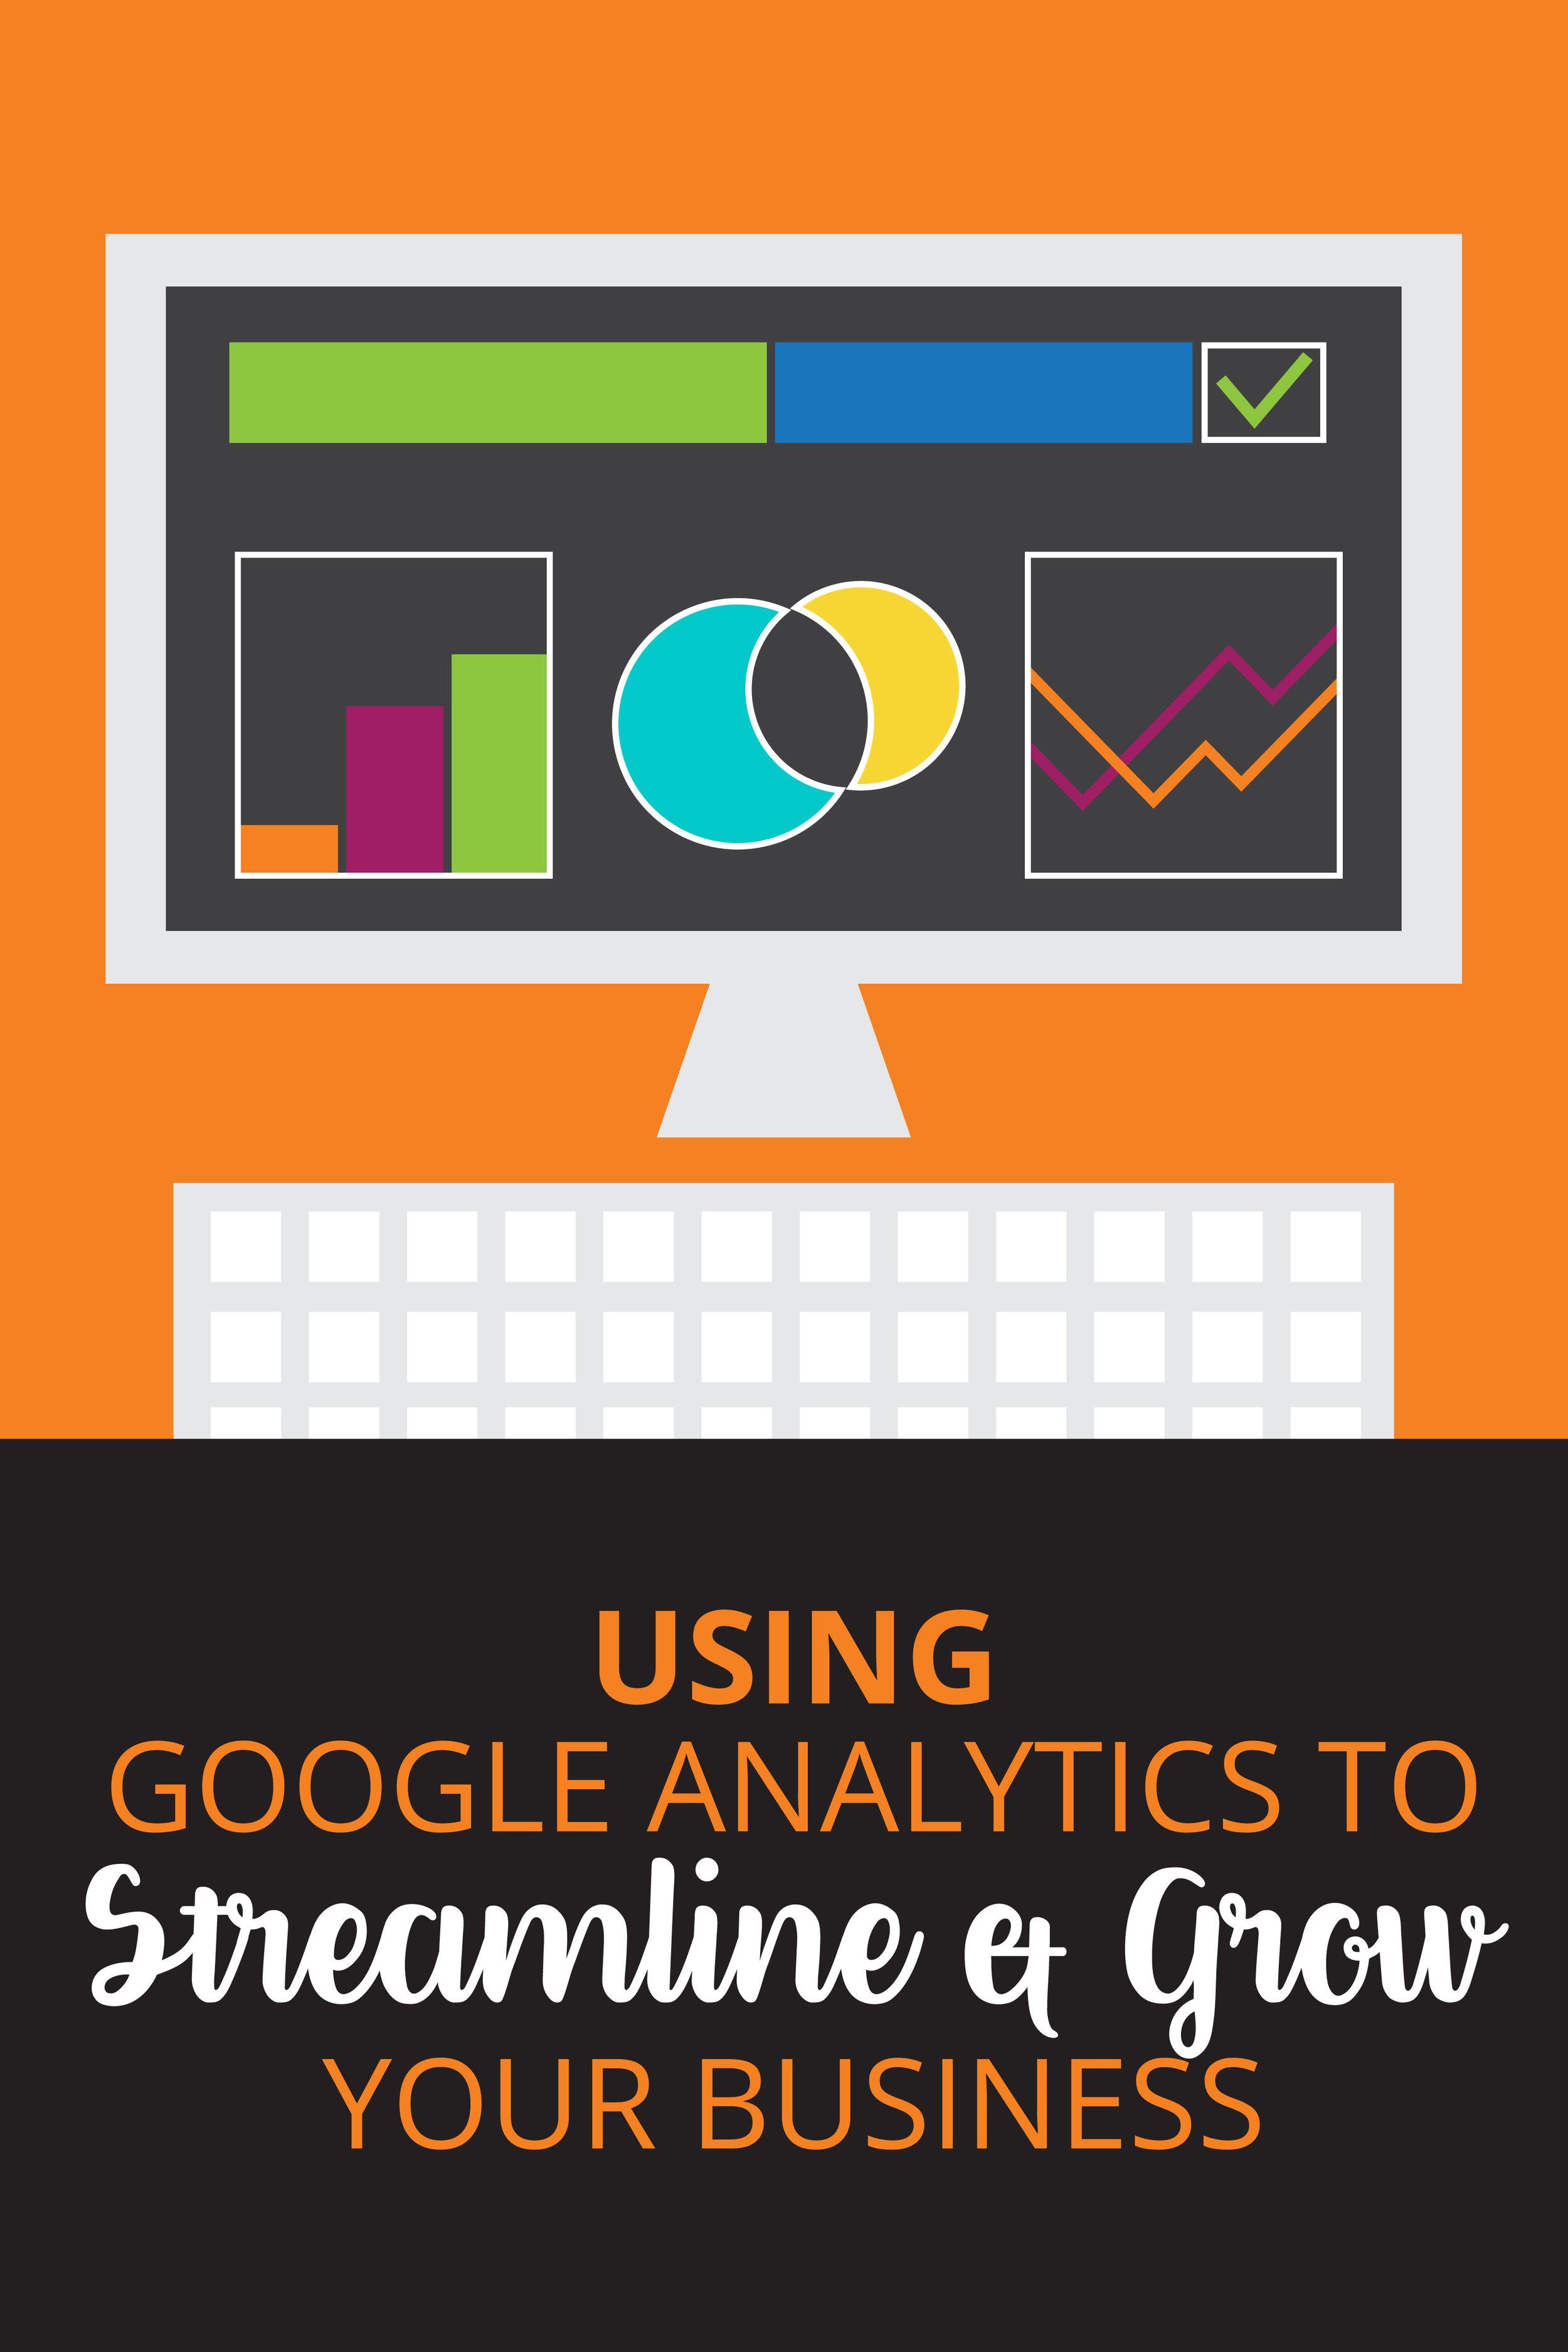 Understanding Google Analytics to better serve your business & help it grow.